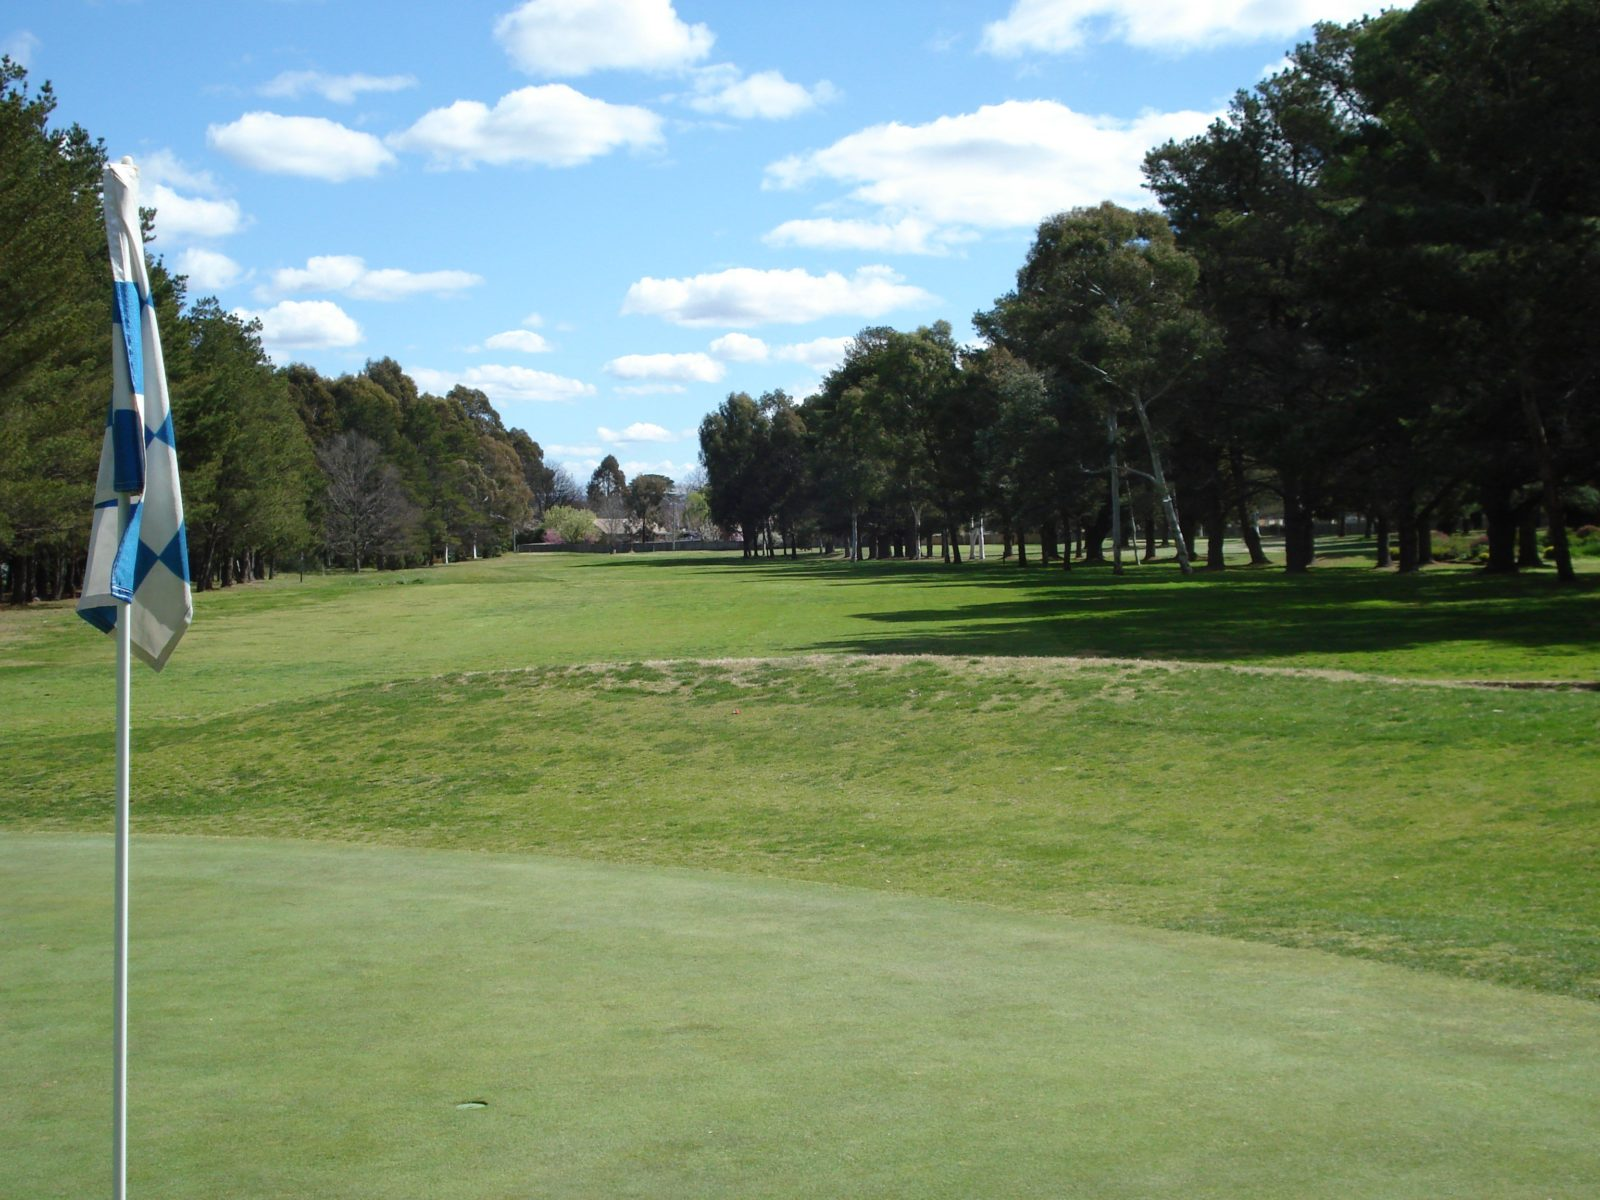 A fairway at RMC Golf Club